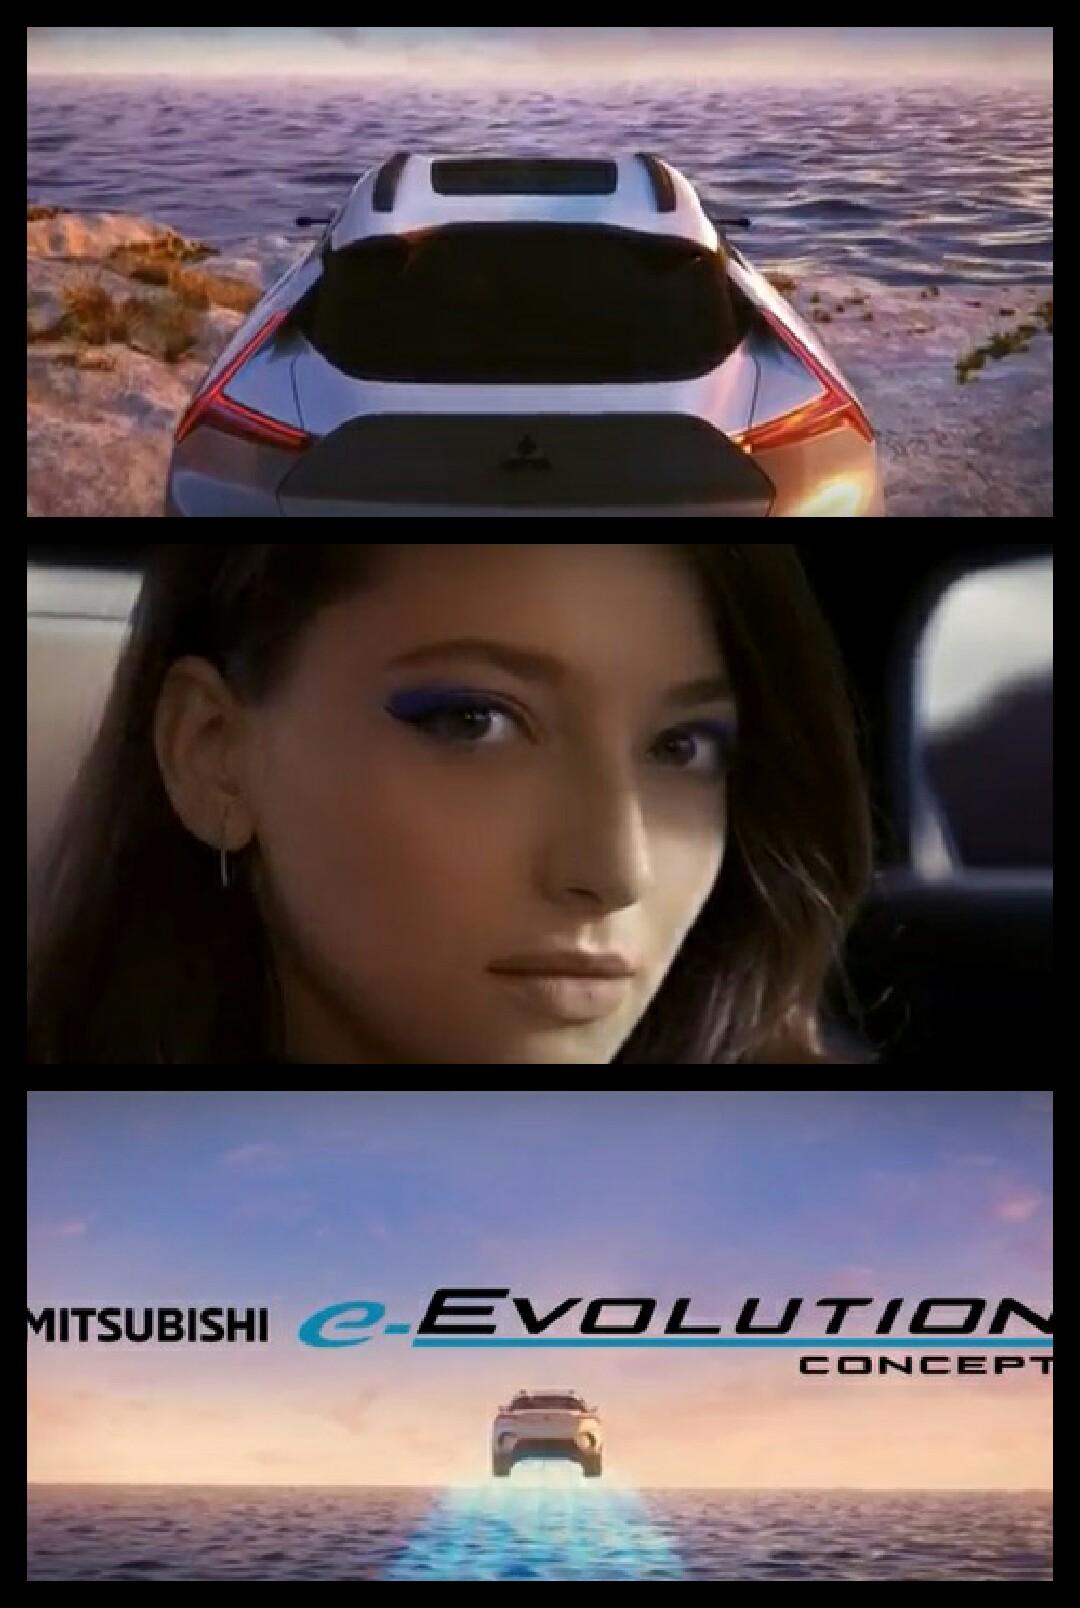 三菱 e-evolution concept MITSUBISHI eエボリューション